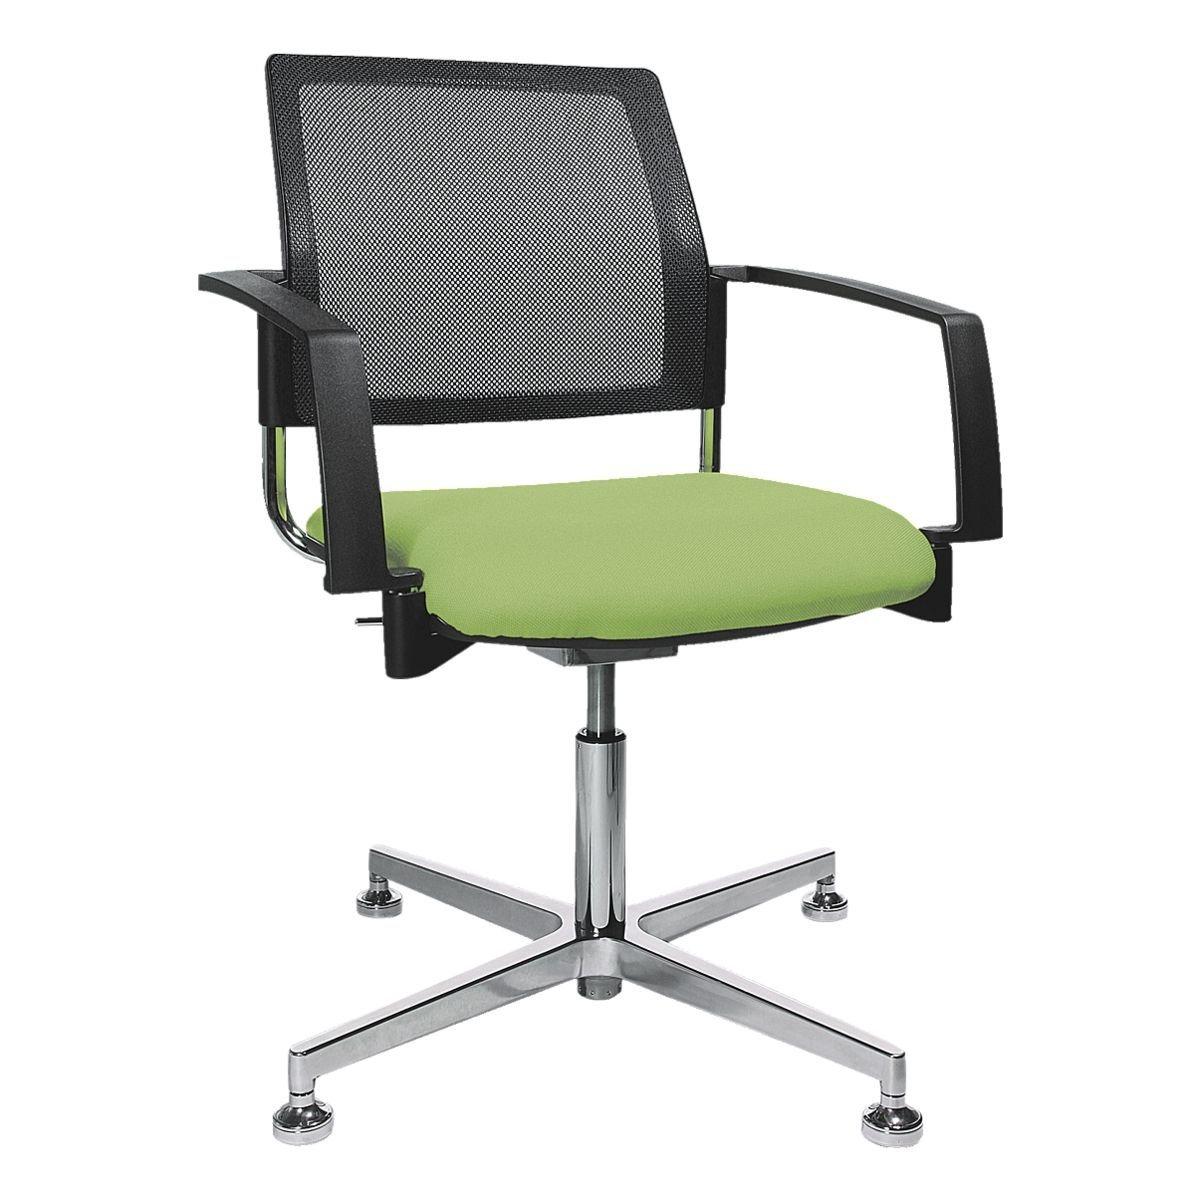 Topstar Besucherstuhl höhenverstellbar »BtoB 30«   Büro > Bürostühle und Sessel  > Besucherstühle   TOPSTAR